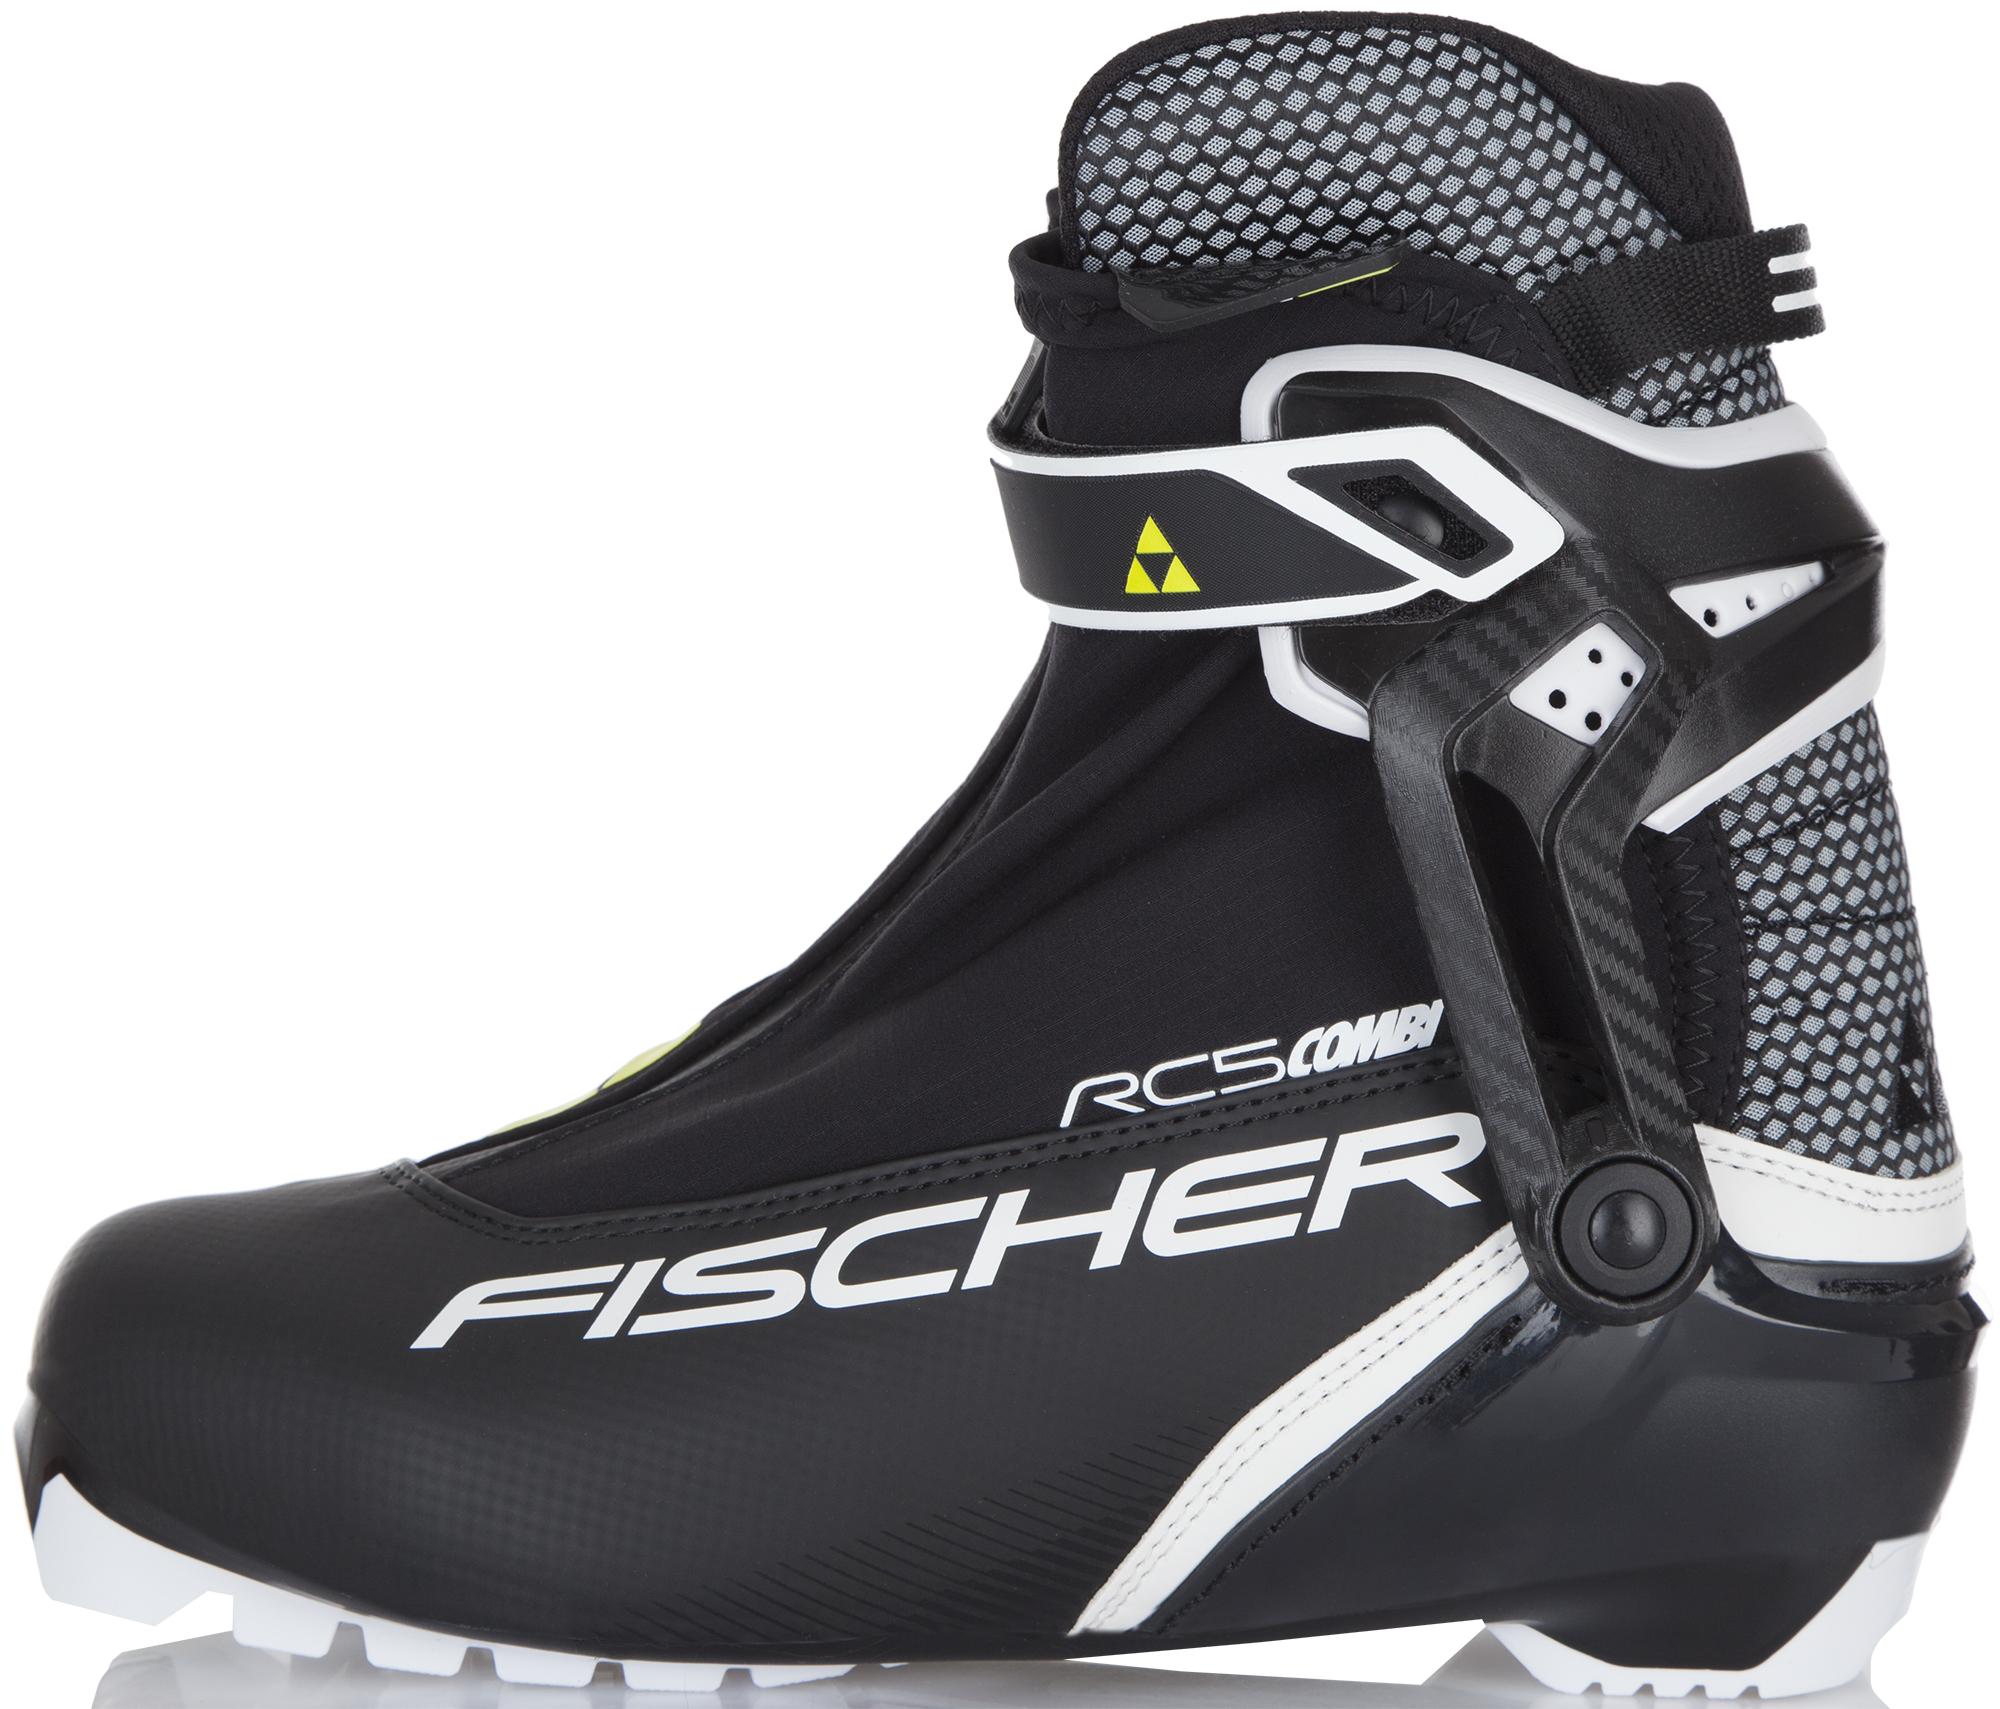 Fischer Ботинки для беговых лыж Fischer RC5 Combi, размер 47 цена